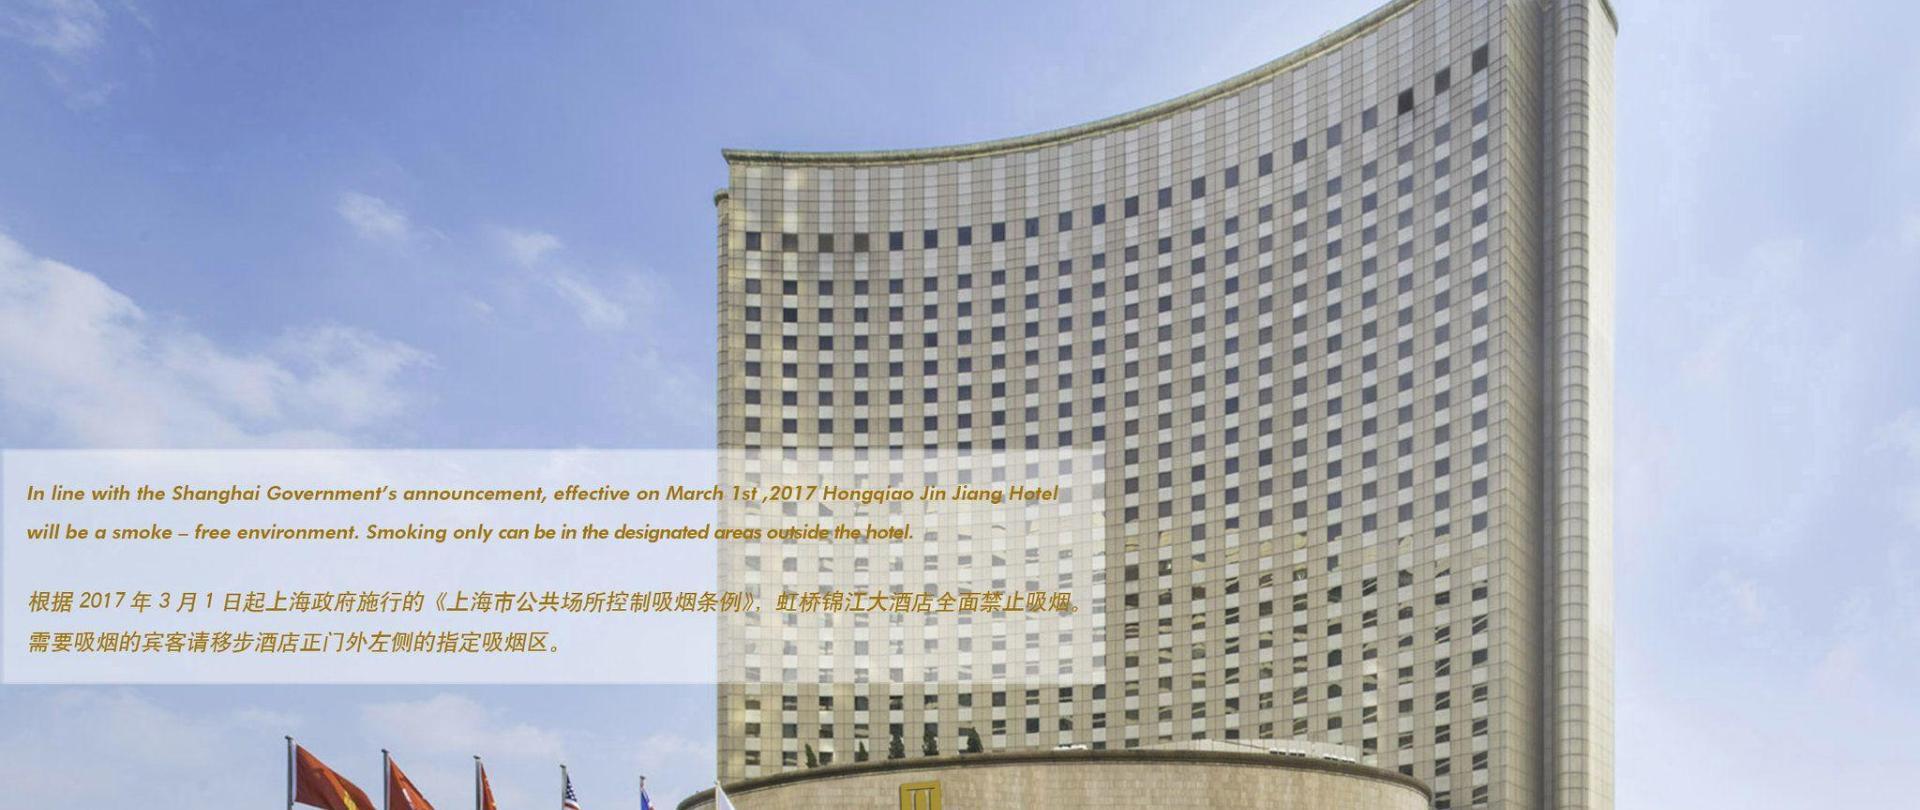 hongqiao-jin-jiang-hotel_shanghai.jpg